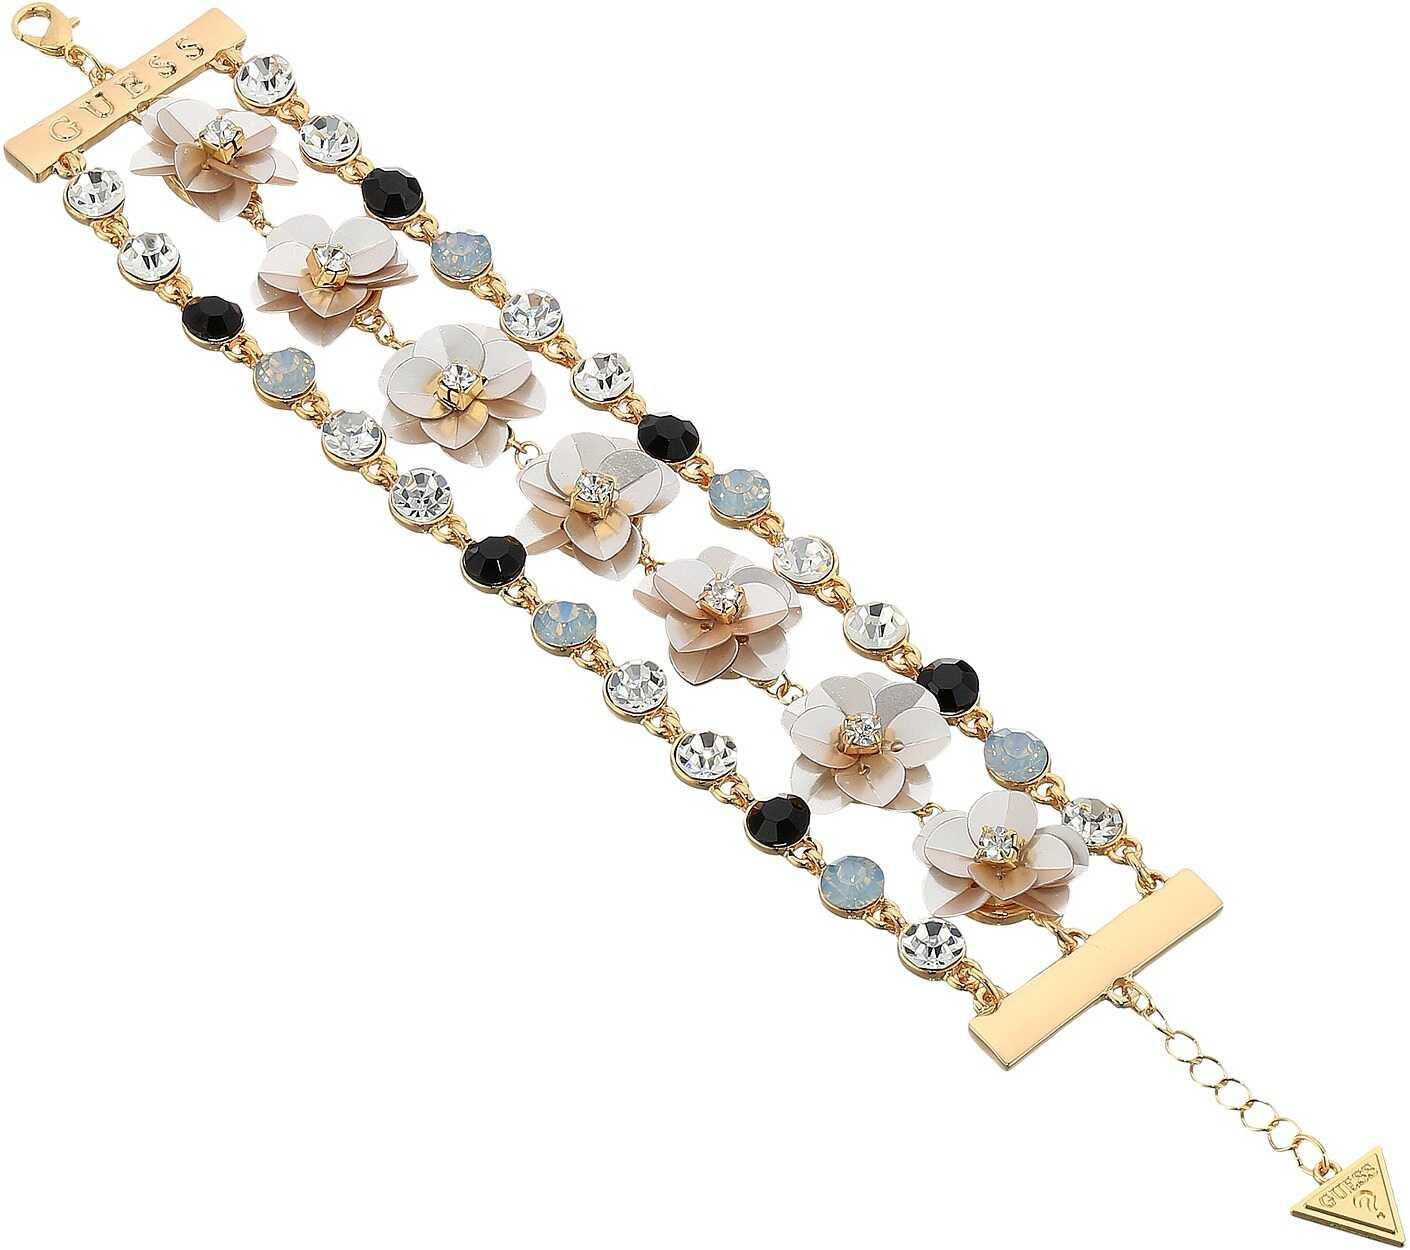 GUESS Floral Motif Line Bracelet Gold/Crystal/Jet/Ivory